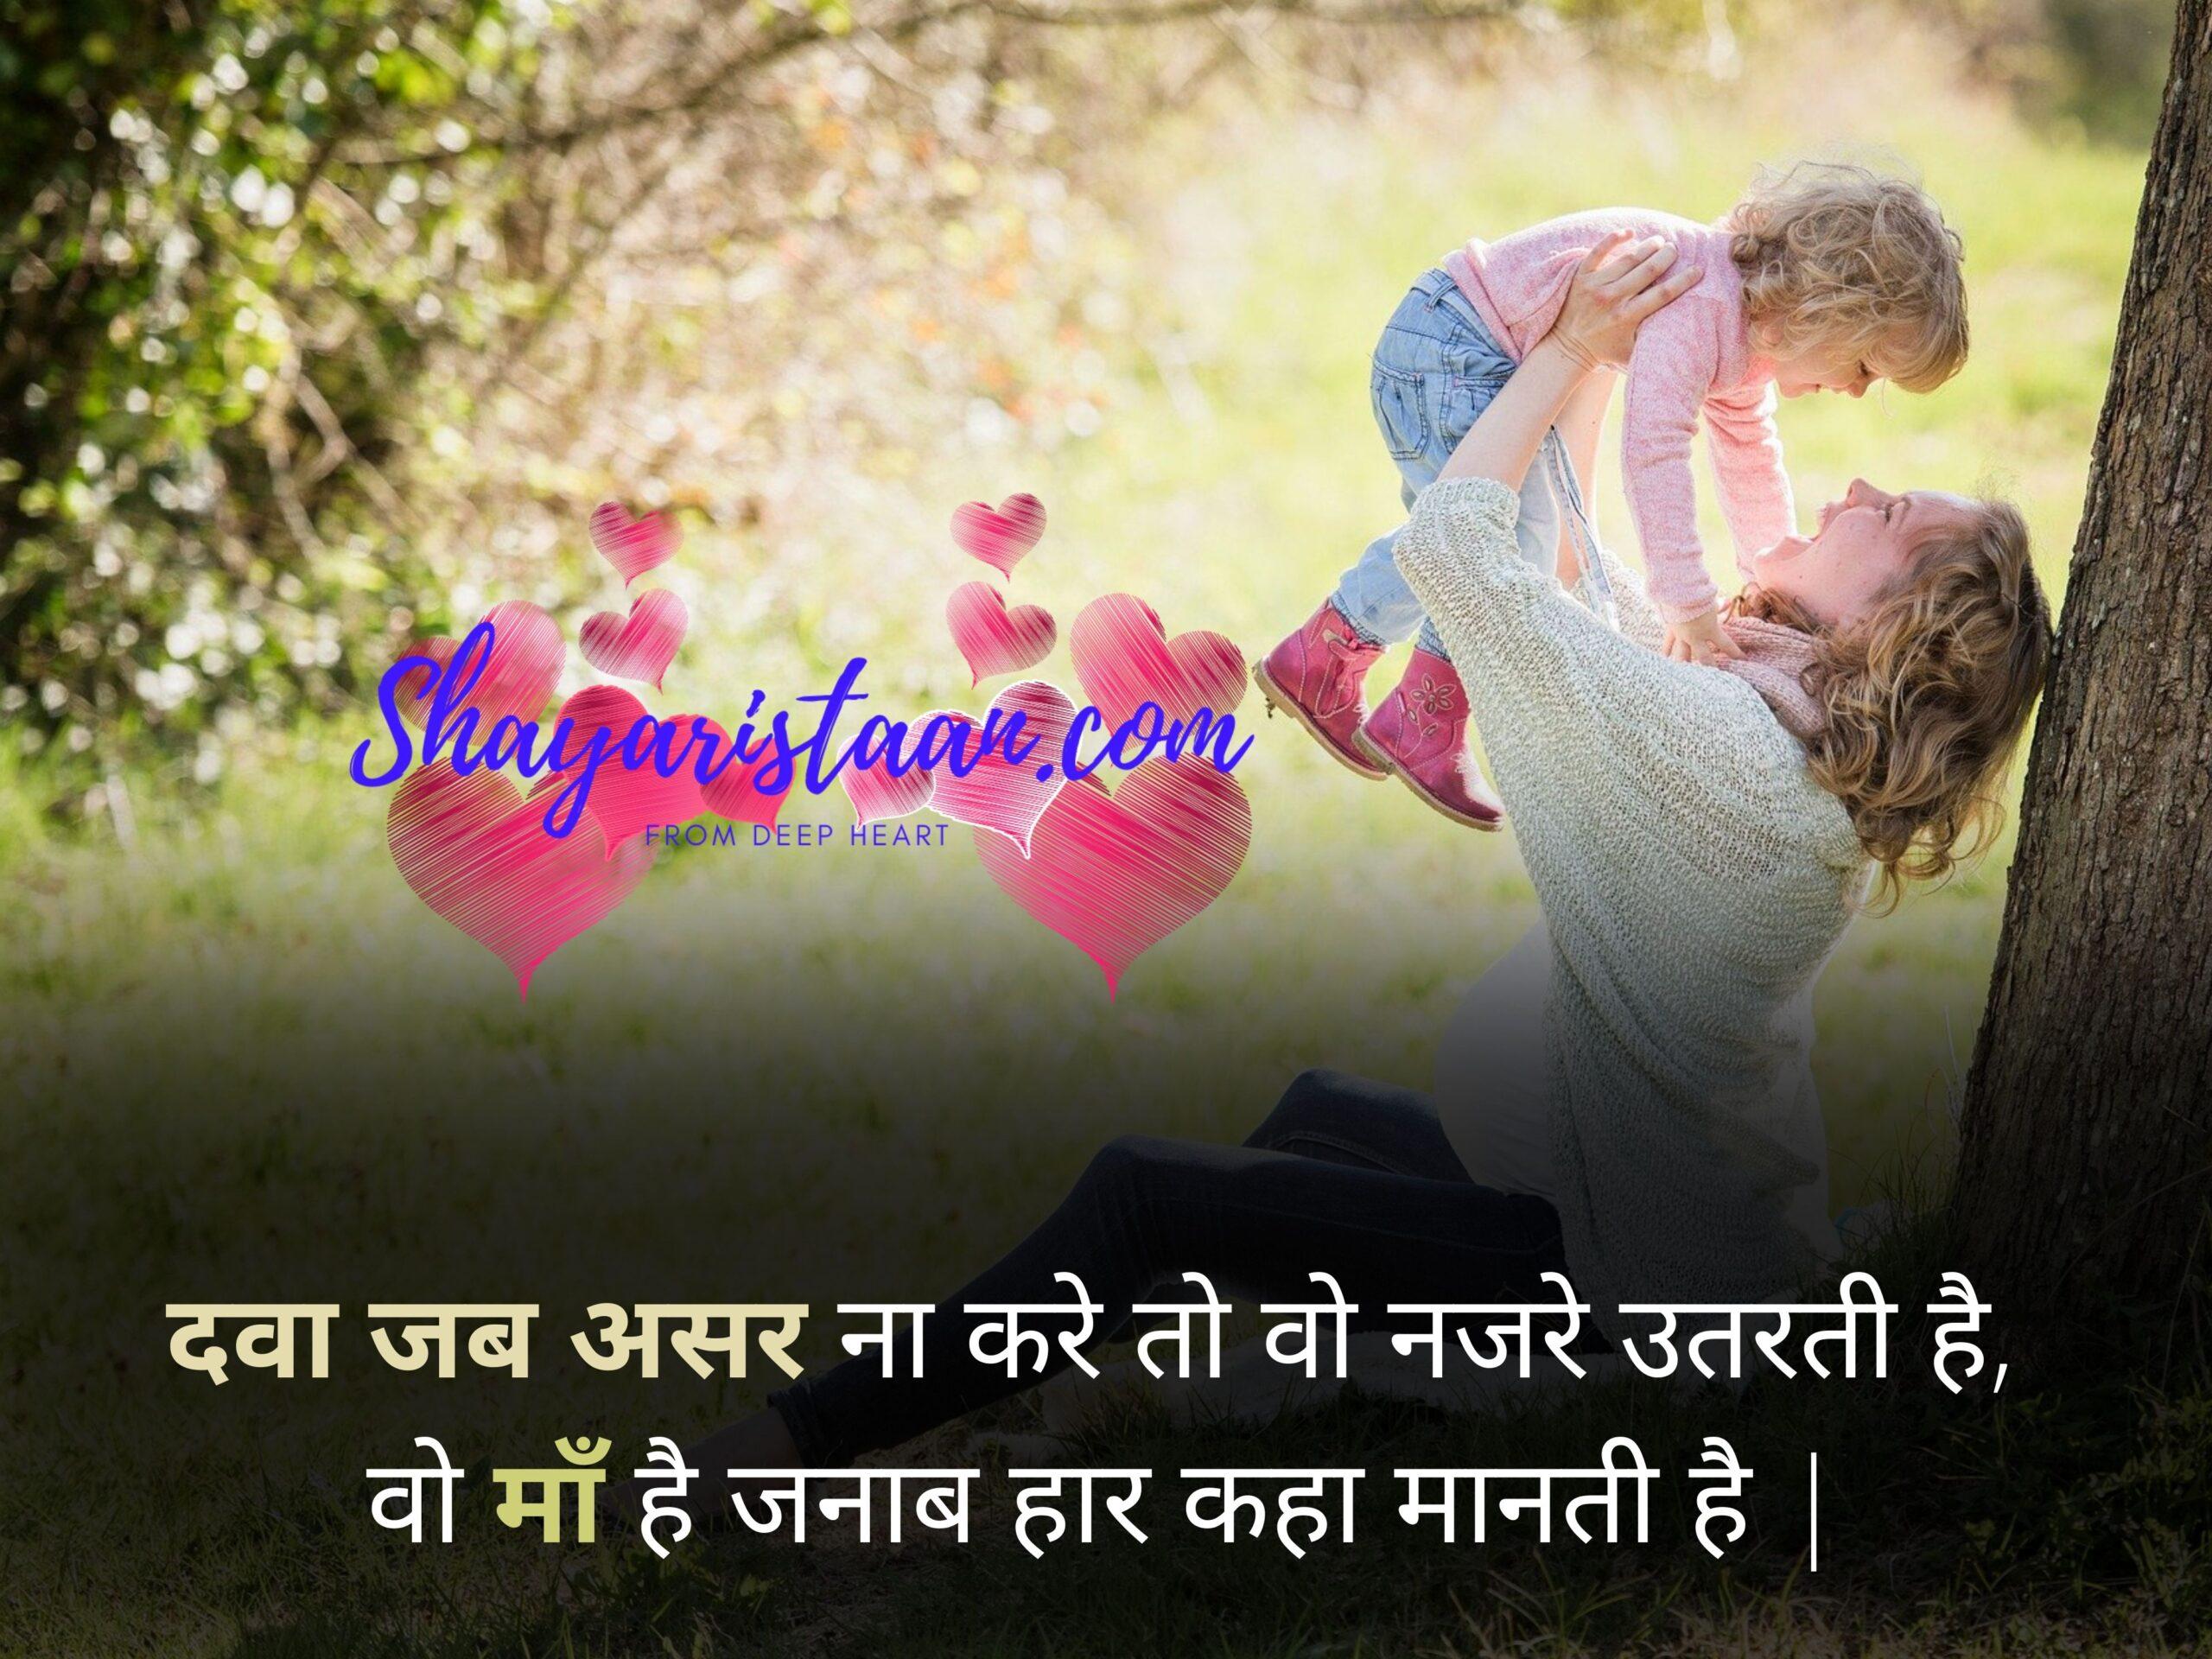 quotes on mother in hindi   दवा जब असर ना करे तो वो नजरे उतरती है, वो माँ है जनाब हार कहा मानती है